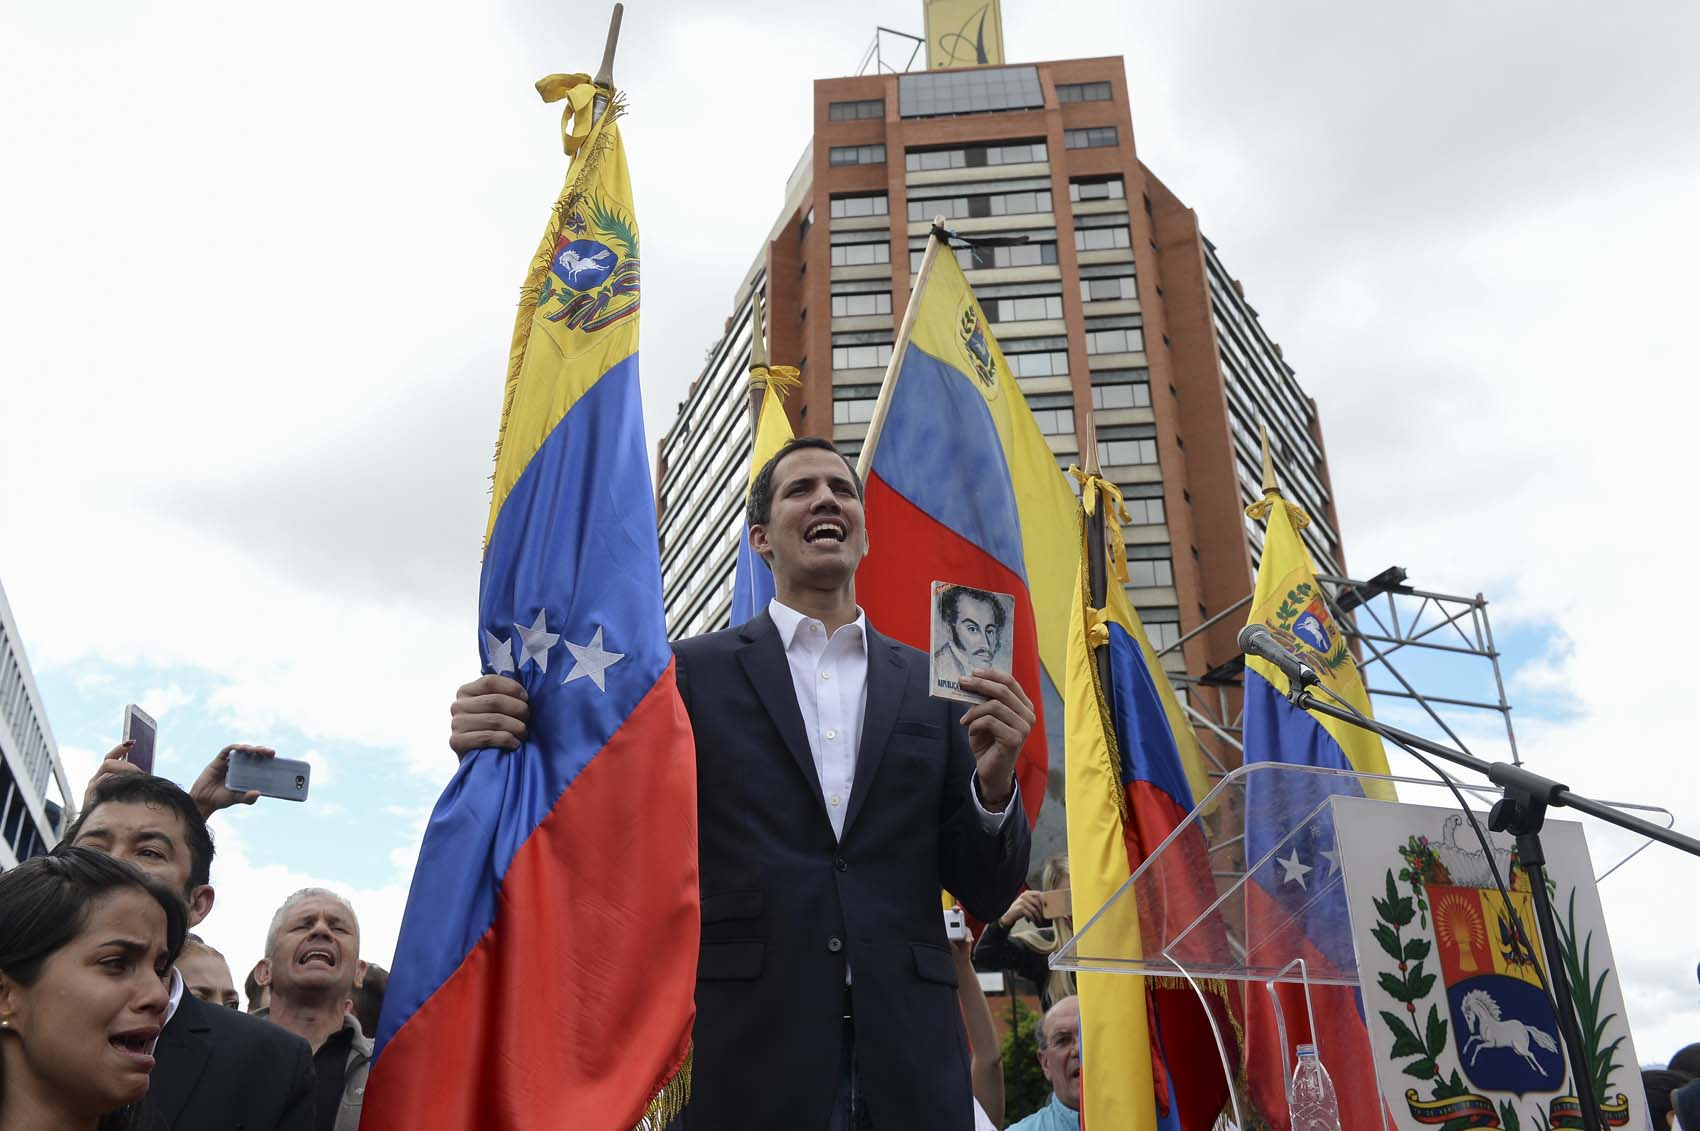 Hace dos meses volvió la esperanza a Venezuela con la juramentación de Guaidó